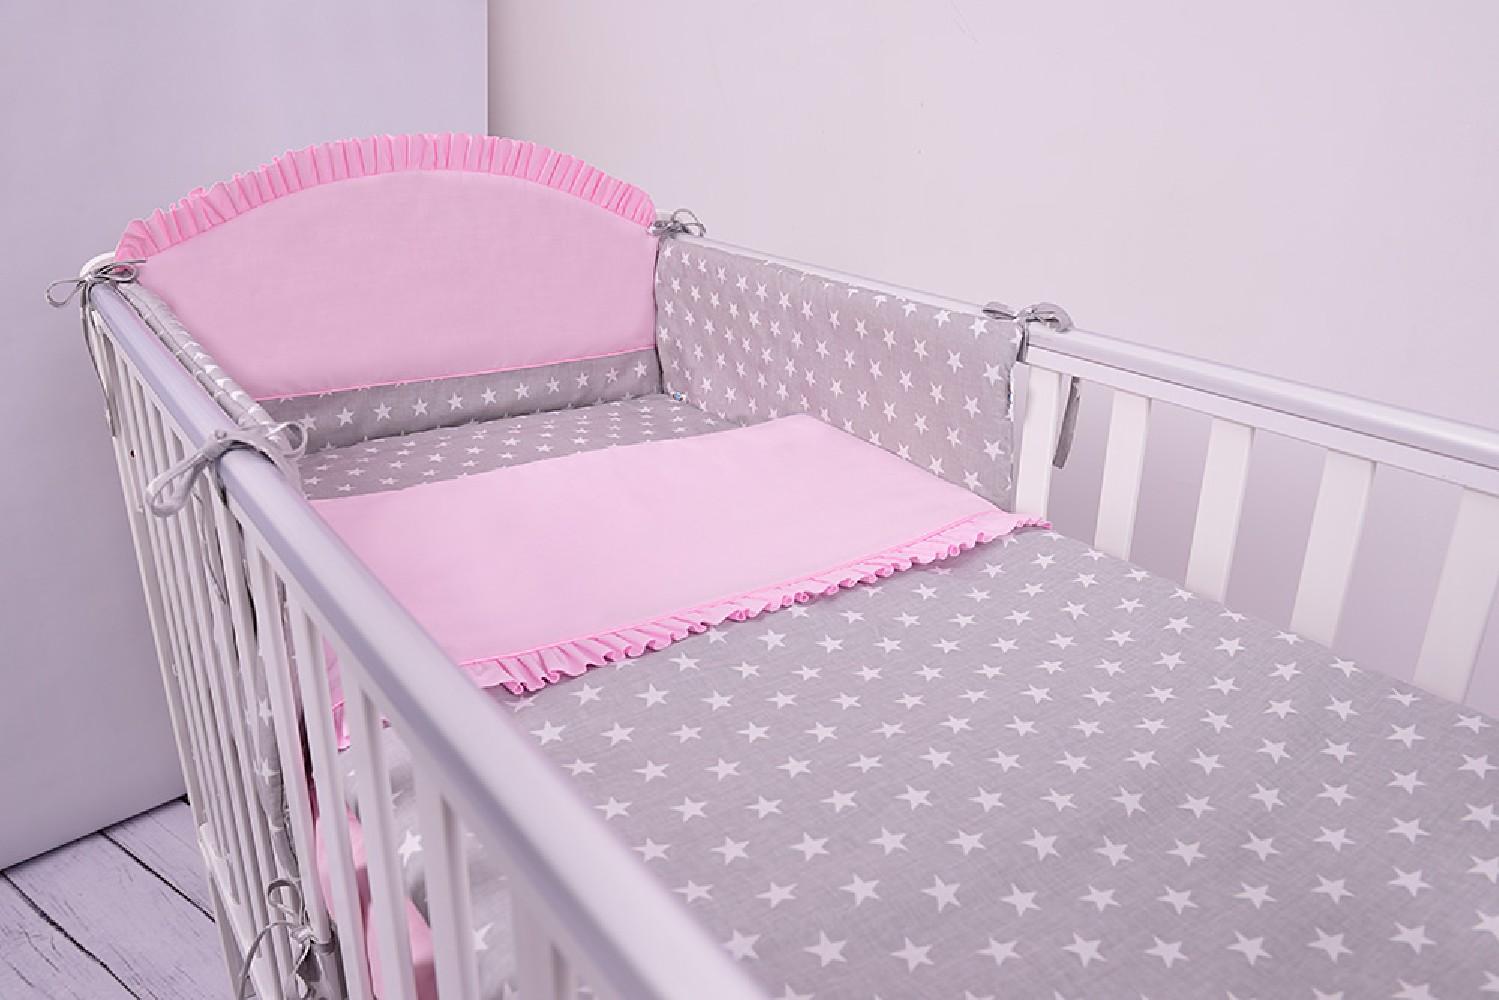 ochraniacze do eczek dla niemowl t oscar baby. Black Bedroom Furniture Sets. Home Design Ideas